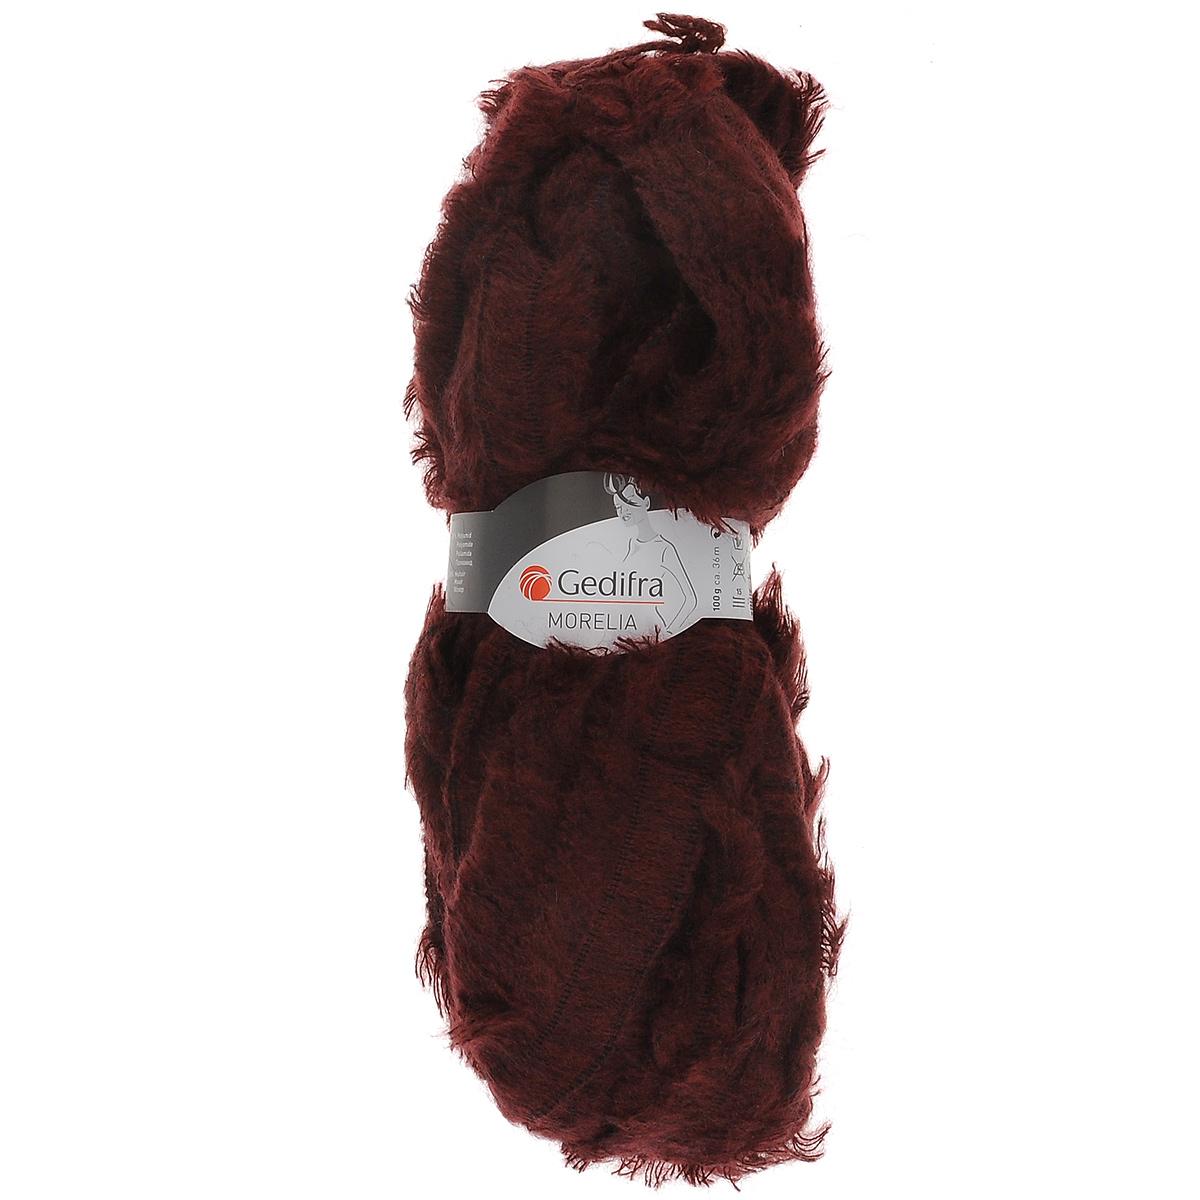 Пряжа для вязания Gedifra Morelia, цвет: бордовый (01444), 36 м, 100 г. 9811739-014449811739-01444Пряжа для вязания Gedifra Morelia, изготовленная из 37% полиакрила, 35% полиамида и 28% мохера, имеет уникальную структуру - нить с бахромой. Такая пряжа подходит для сезона осень-зима. Используйте ее для создания яркого акцента или в сочетании с одним из других видов пряжи. С пряжей для ручного вязания Gedifra Morelia вы сможете связать своими руками необычные и красивые вещи. Рекомендованы спицы и крючок №15. Состав: 37% полиакрил, 35% полиамид, 28% мохер. Вес мотка: 100 г. Длина нити: 36 м.